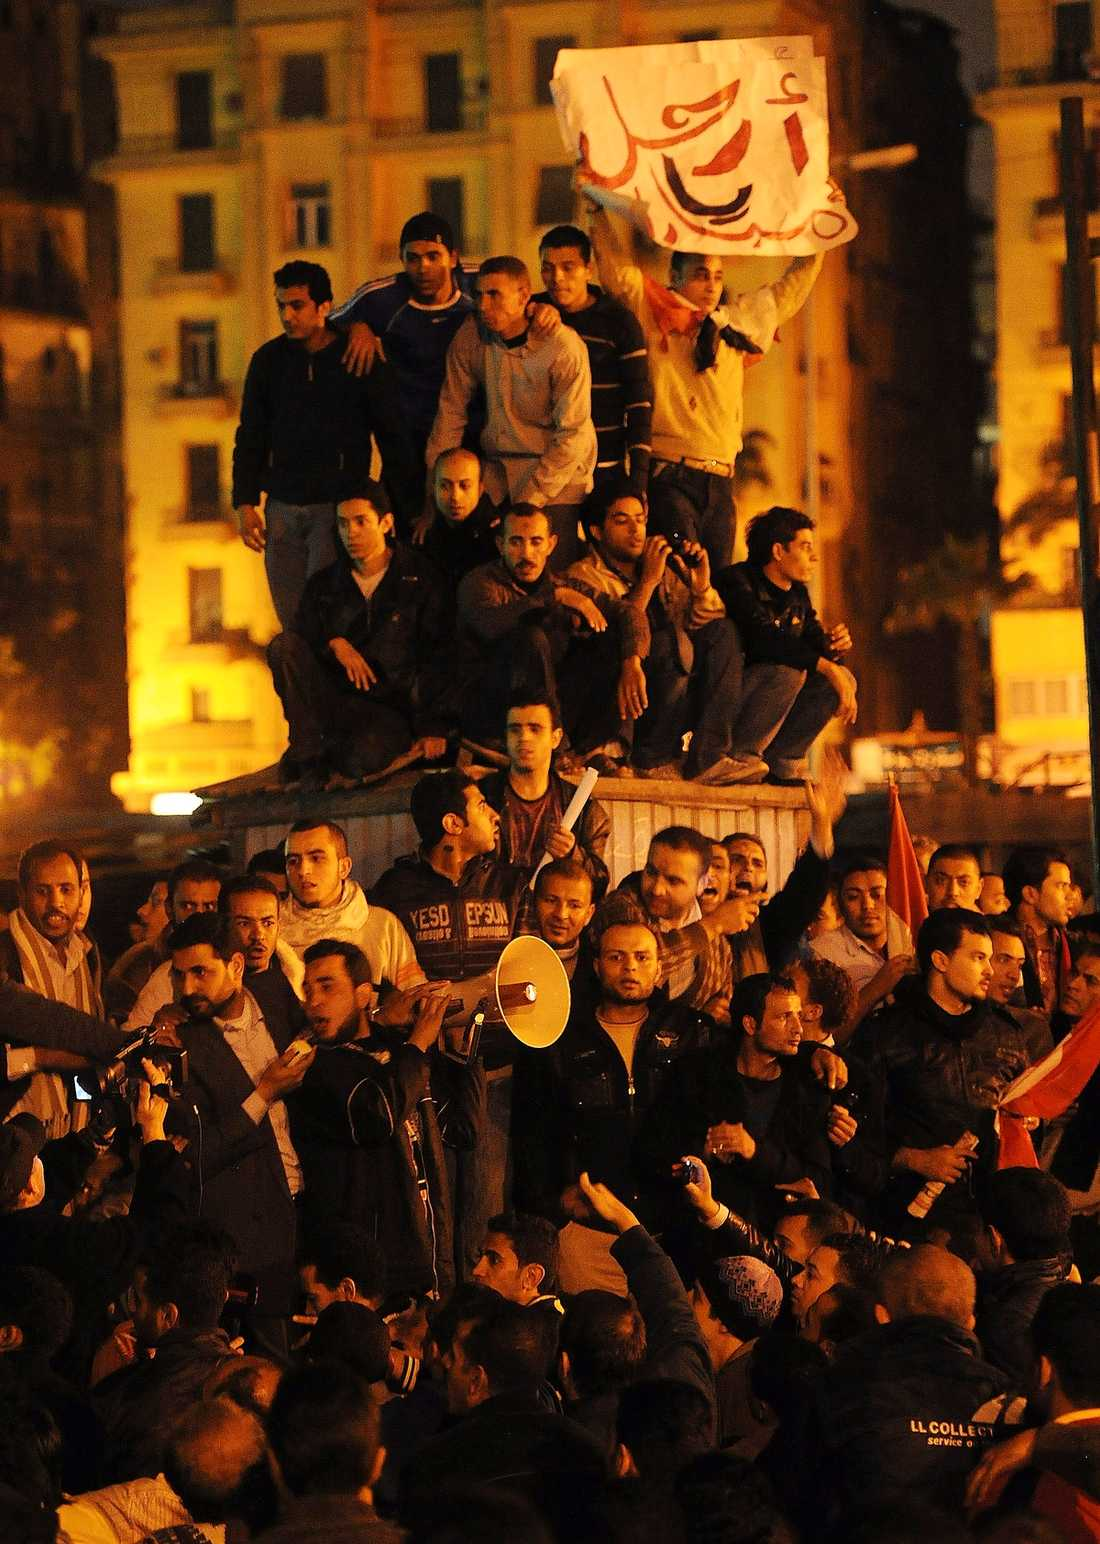 Fyllda av hopp Läget är spänt i Egypten. Invånarna har för tillfället kontroll över Kairos gator, men i går kväll hördes skottlossning i stadens östra delar.